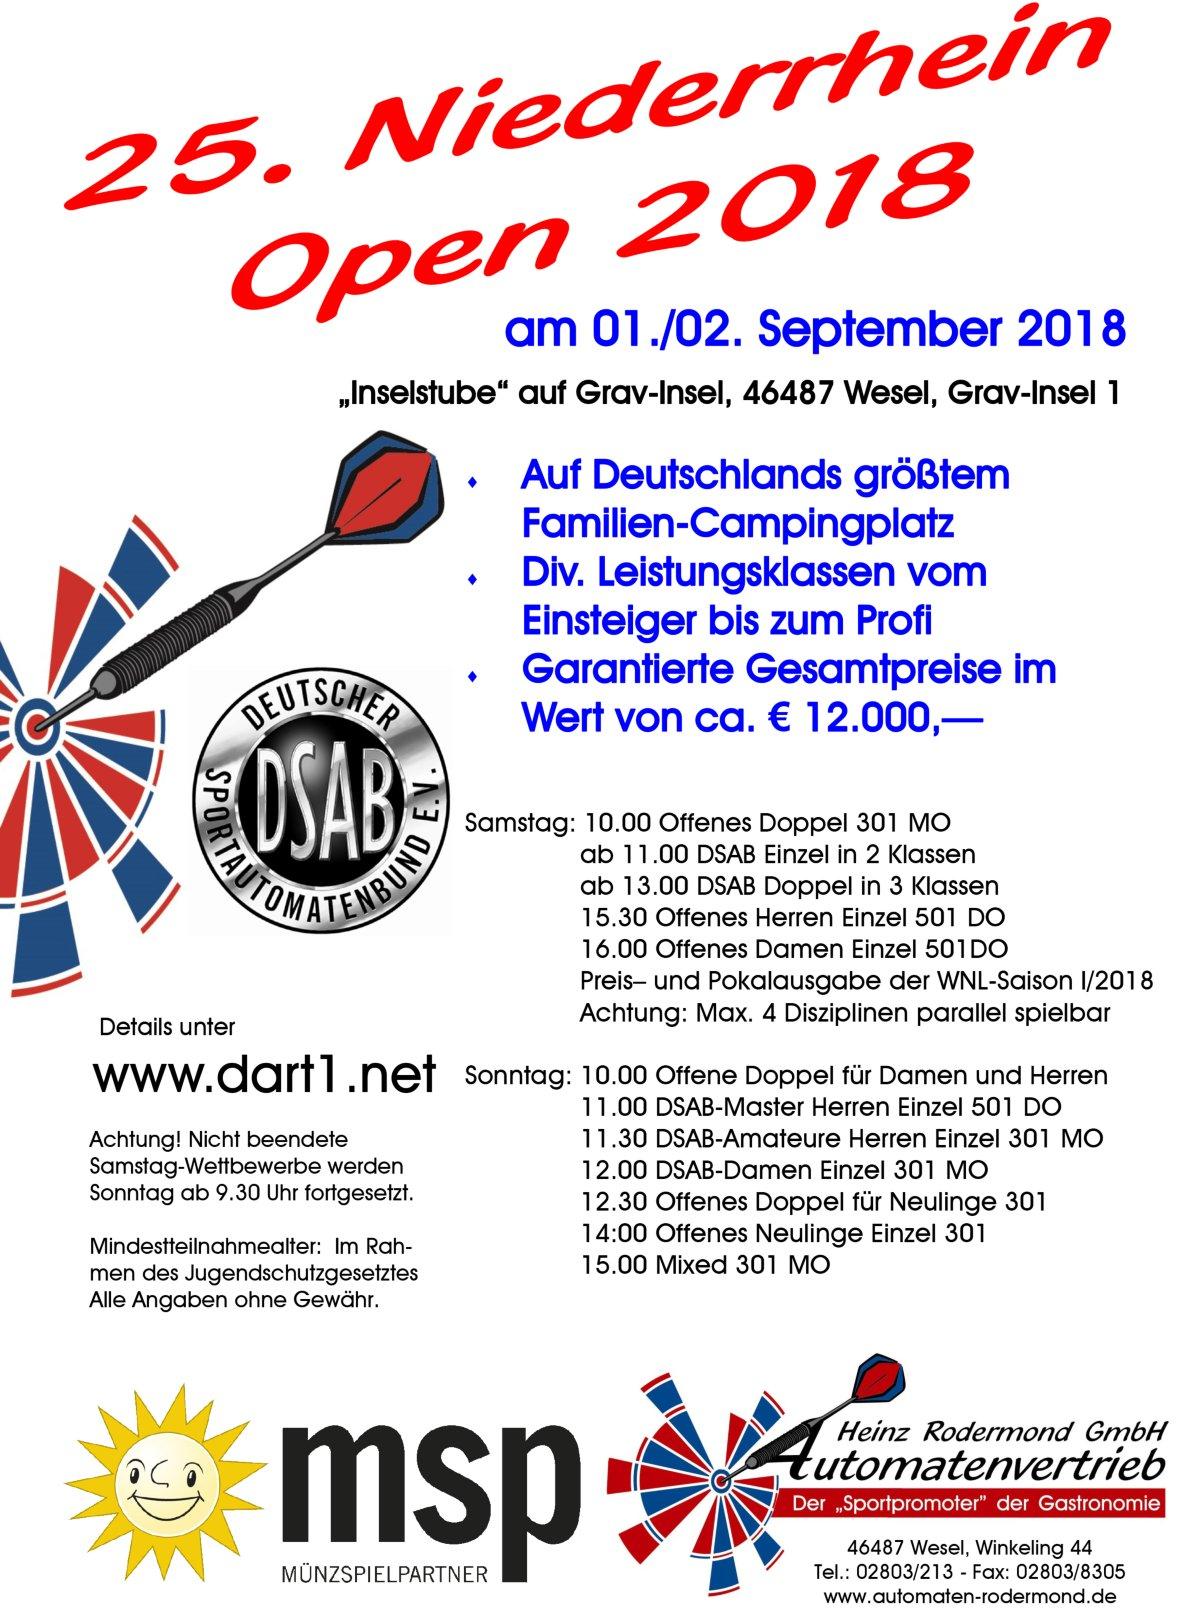 Niederrhein Open 2018